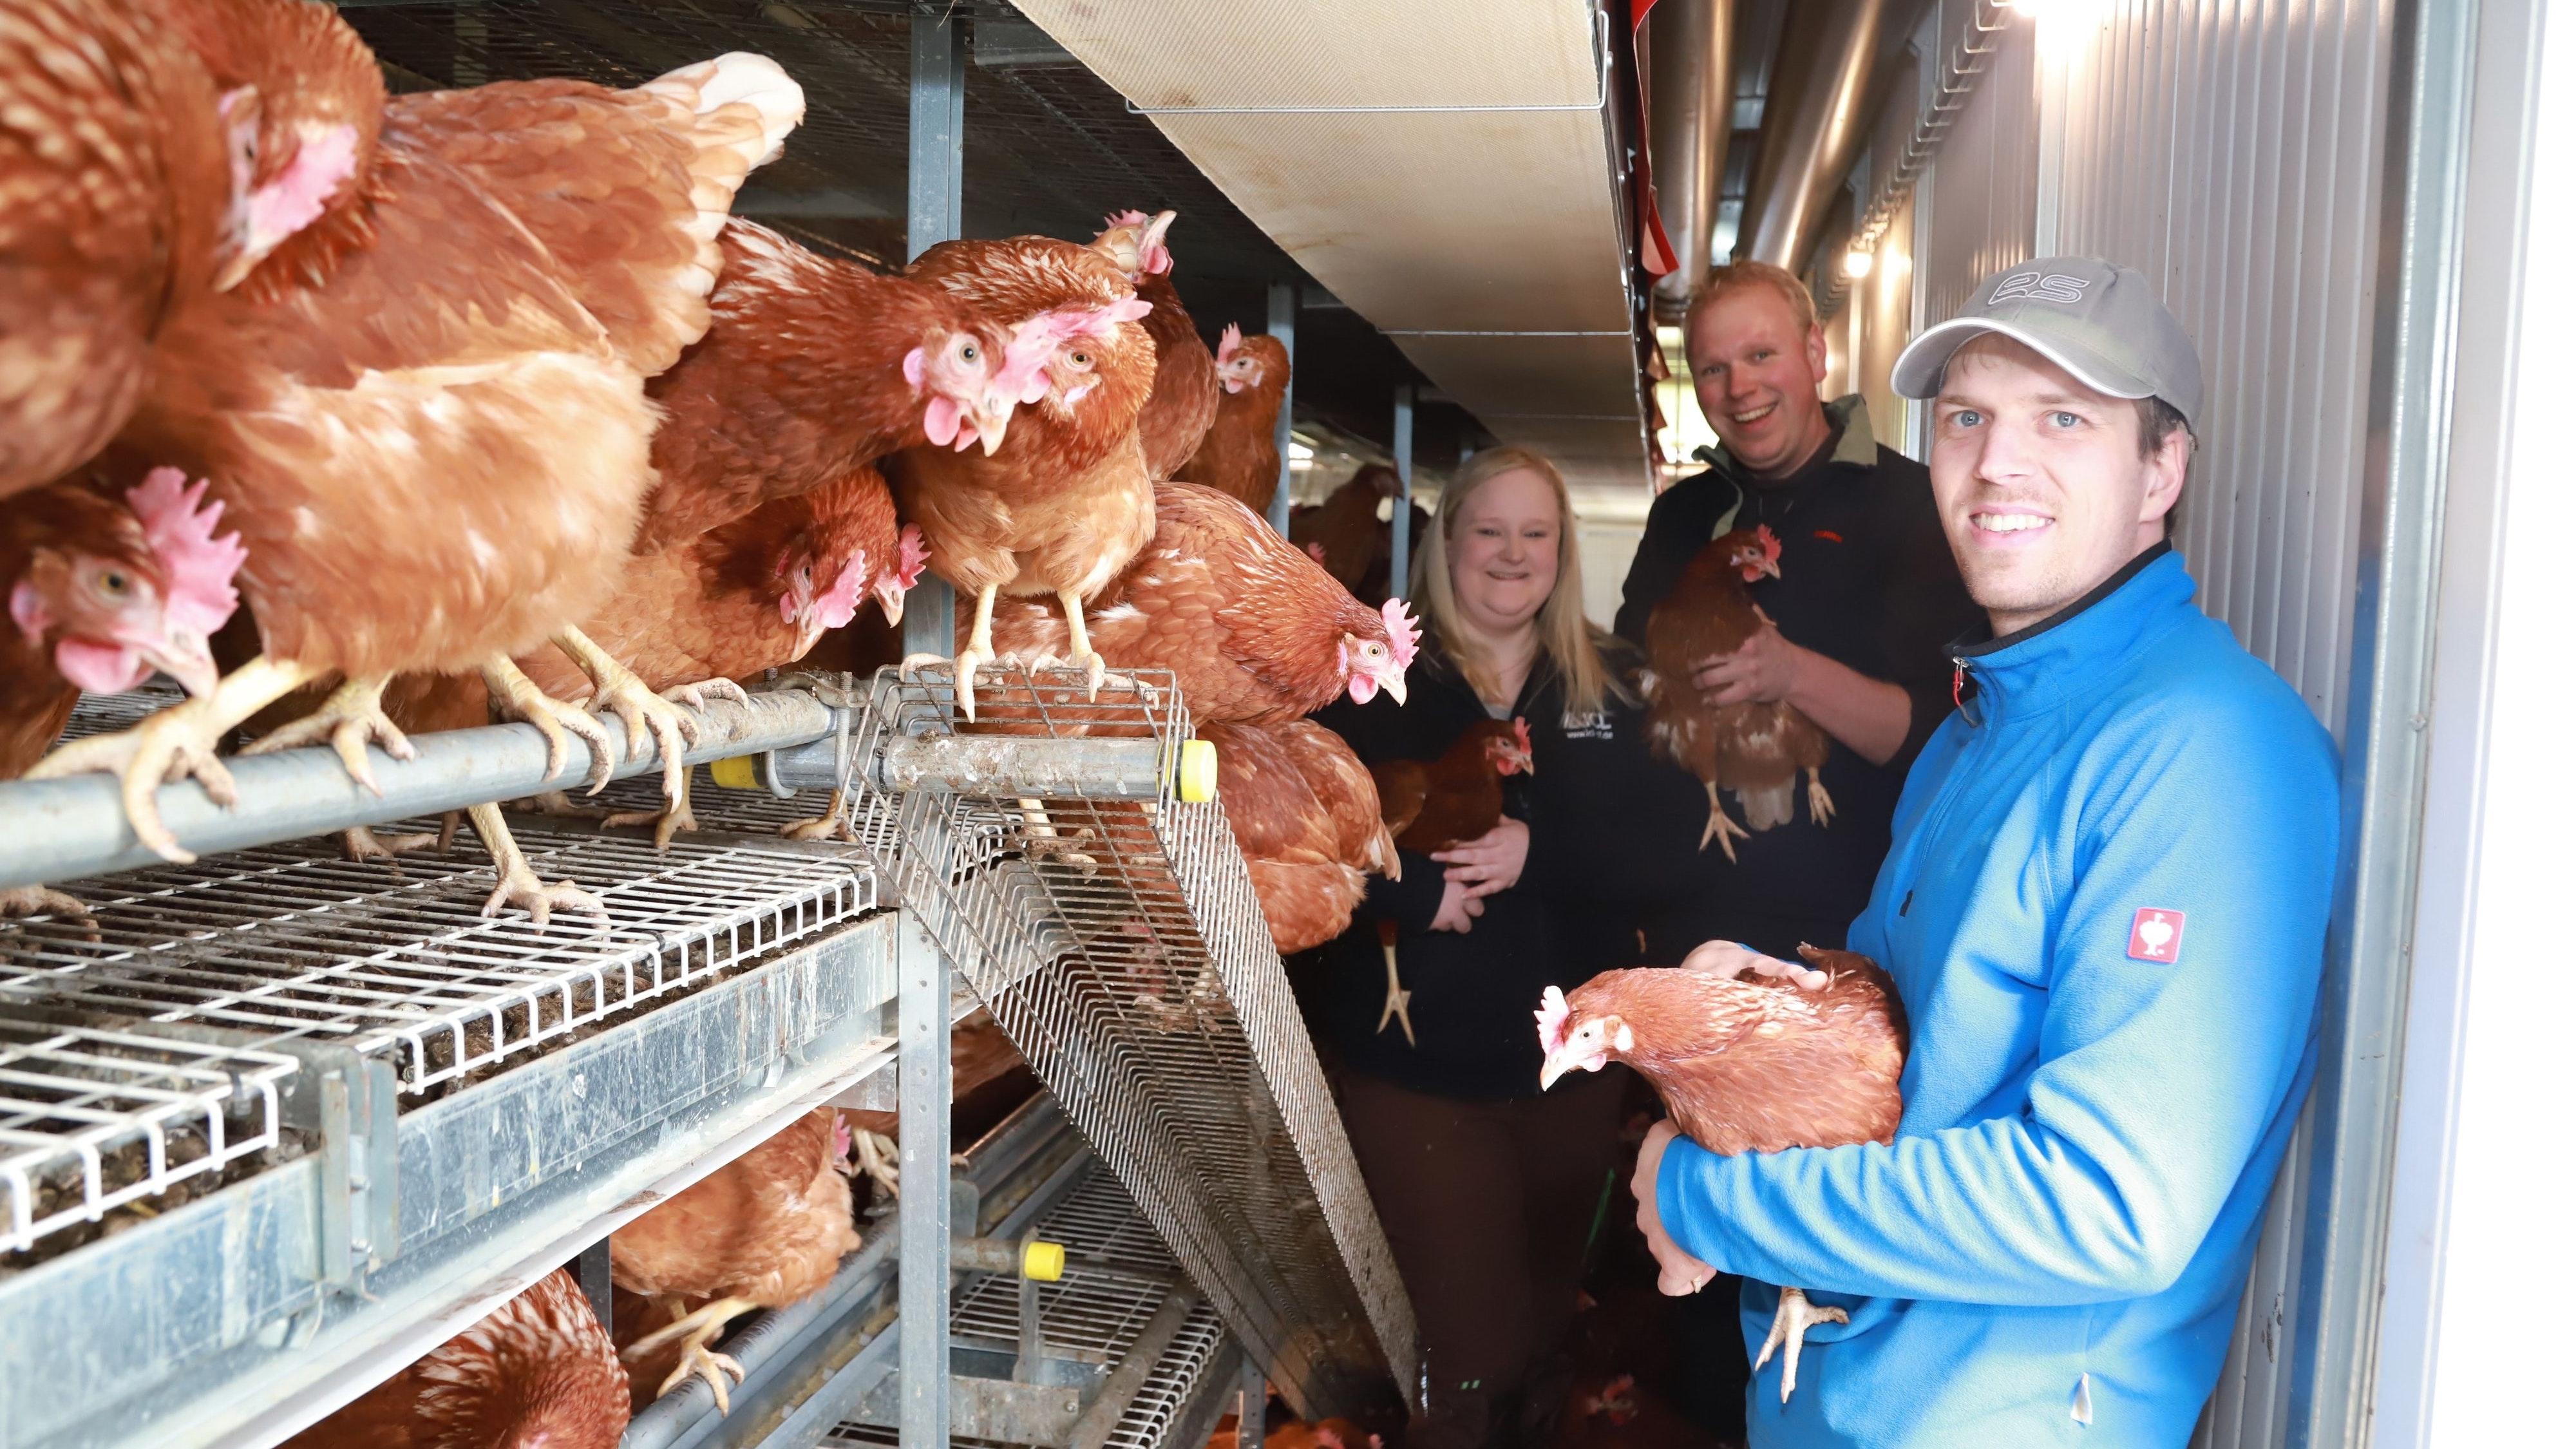 """Tierisch was los: Verena und Markus von Höfen sowie Schwager Jesko Künne (rechts) sorgen für """"glückliche Hühner"""". 450 Tiere leben im vollautomatisierten mobilen Stall. Foto: C. Passmann"""